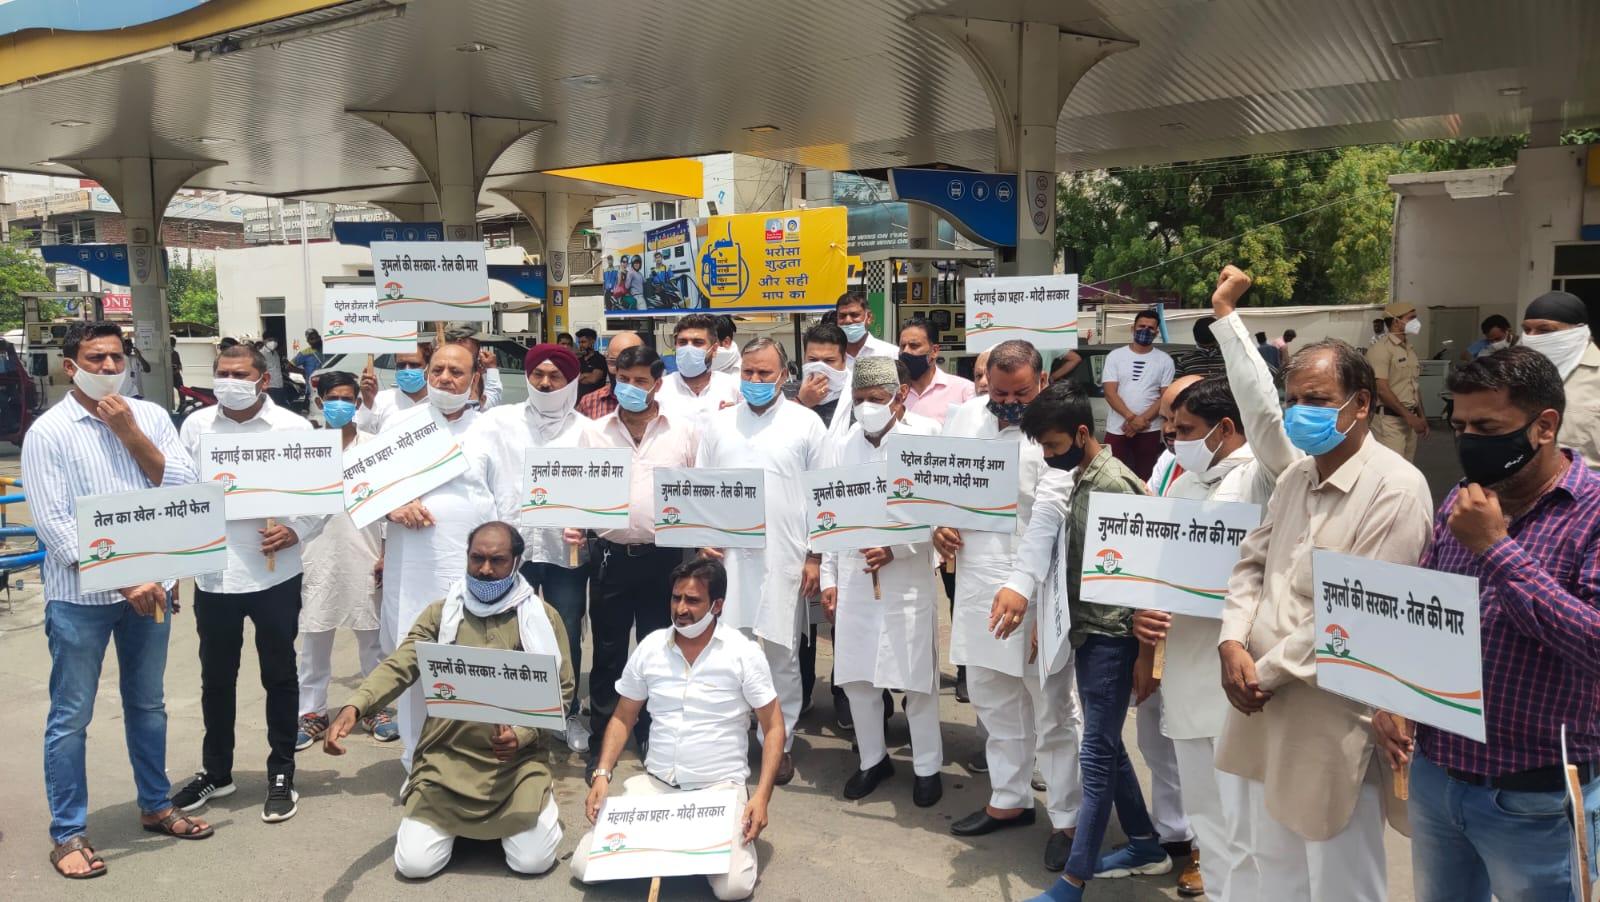 कांग्रेसी बोले: कोरोना में लोग आक्सीजन, बेड, दवाइयों के लिए जूझ रहे थे, अब तेल की कीमतों से परेशान|फरीदाबाद,Faridabad - Dainik Bhaskar